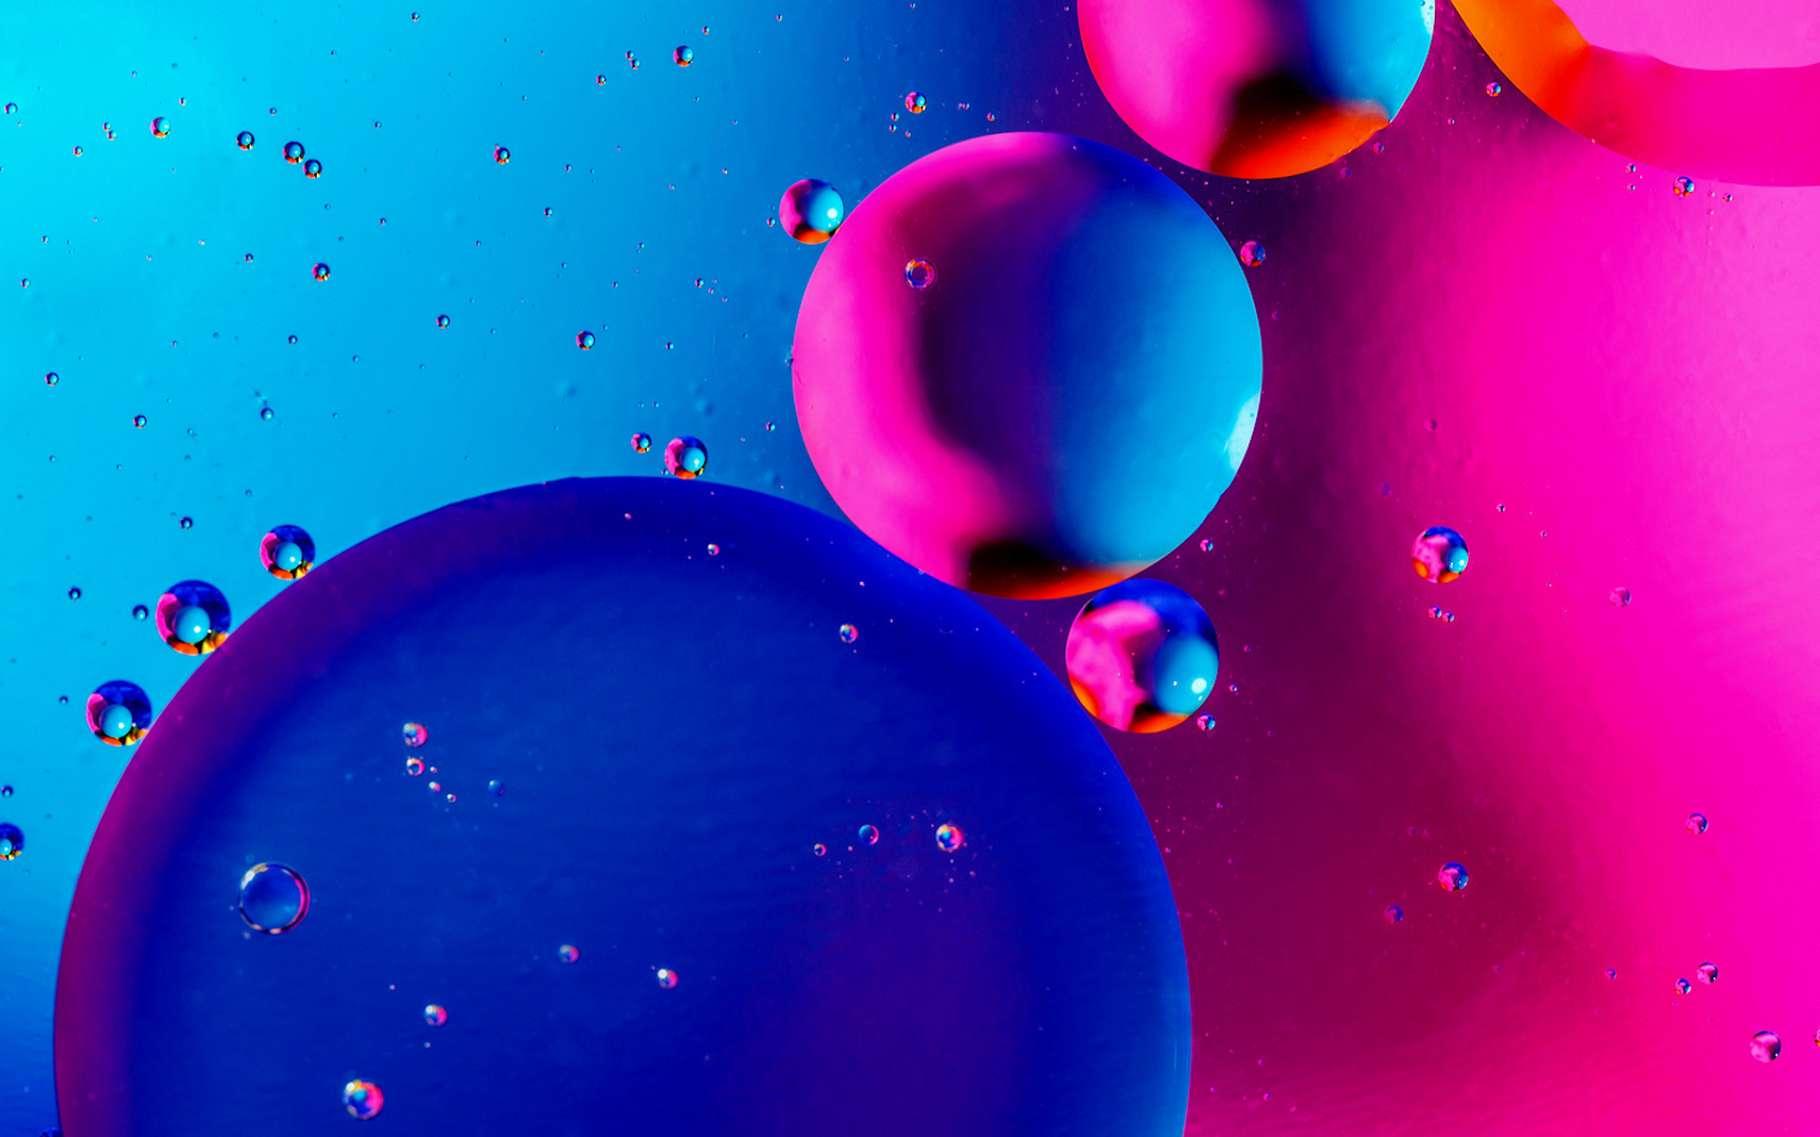 L'expérience de l'ascenseur à gouttes nous apprend à faire monter et descendre des gouttes de vinaigre colorées dans une éprouvette remplie d'huile. © Nikolay N. Antonov, Fotolia